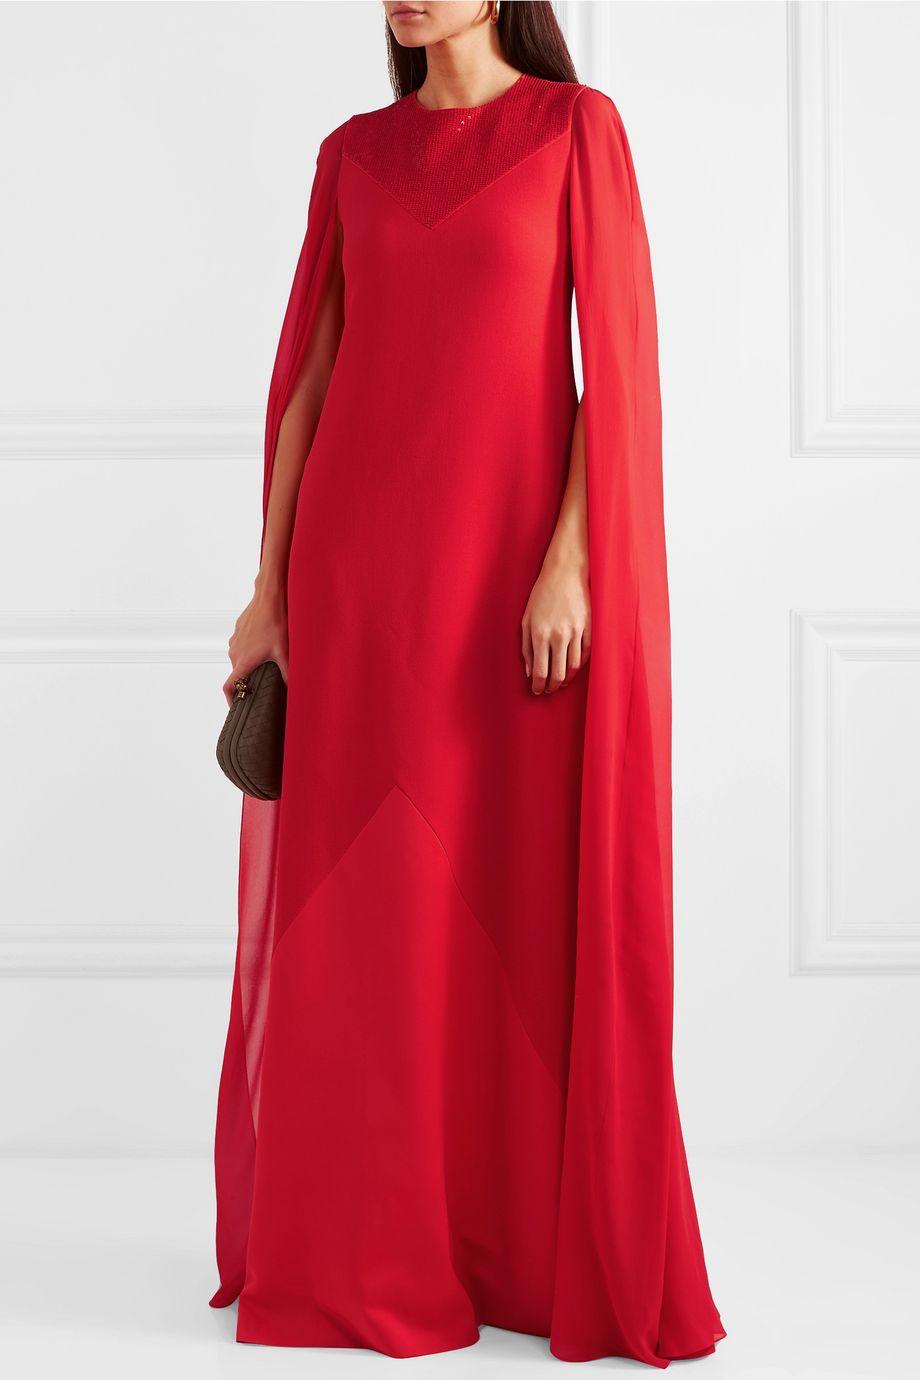 Givenchy Robe aus Woll-Crêpe und Seidenchiffon mit Cape-Effekt und Zierperlen